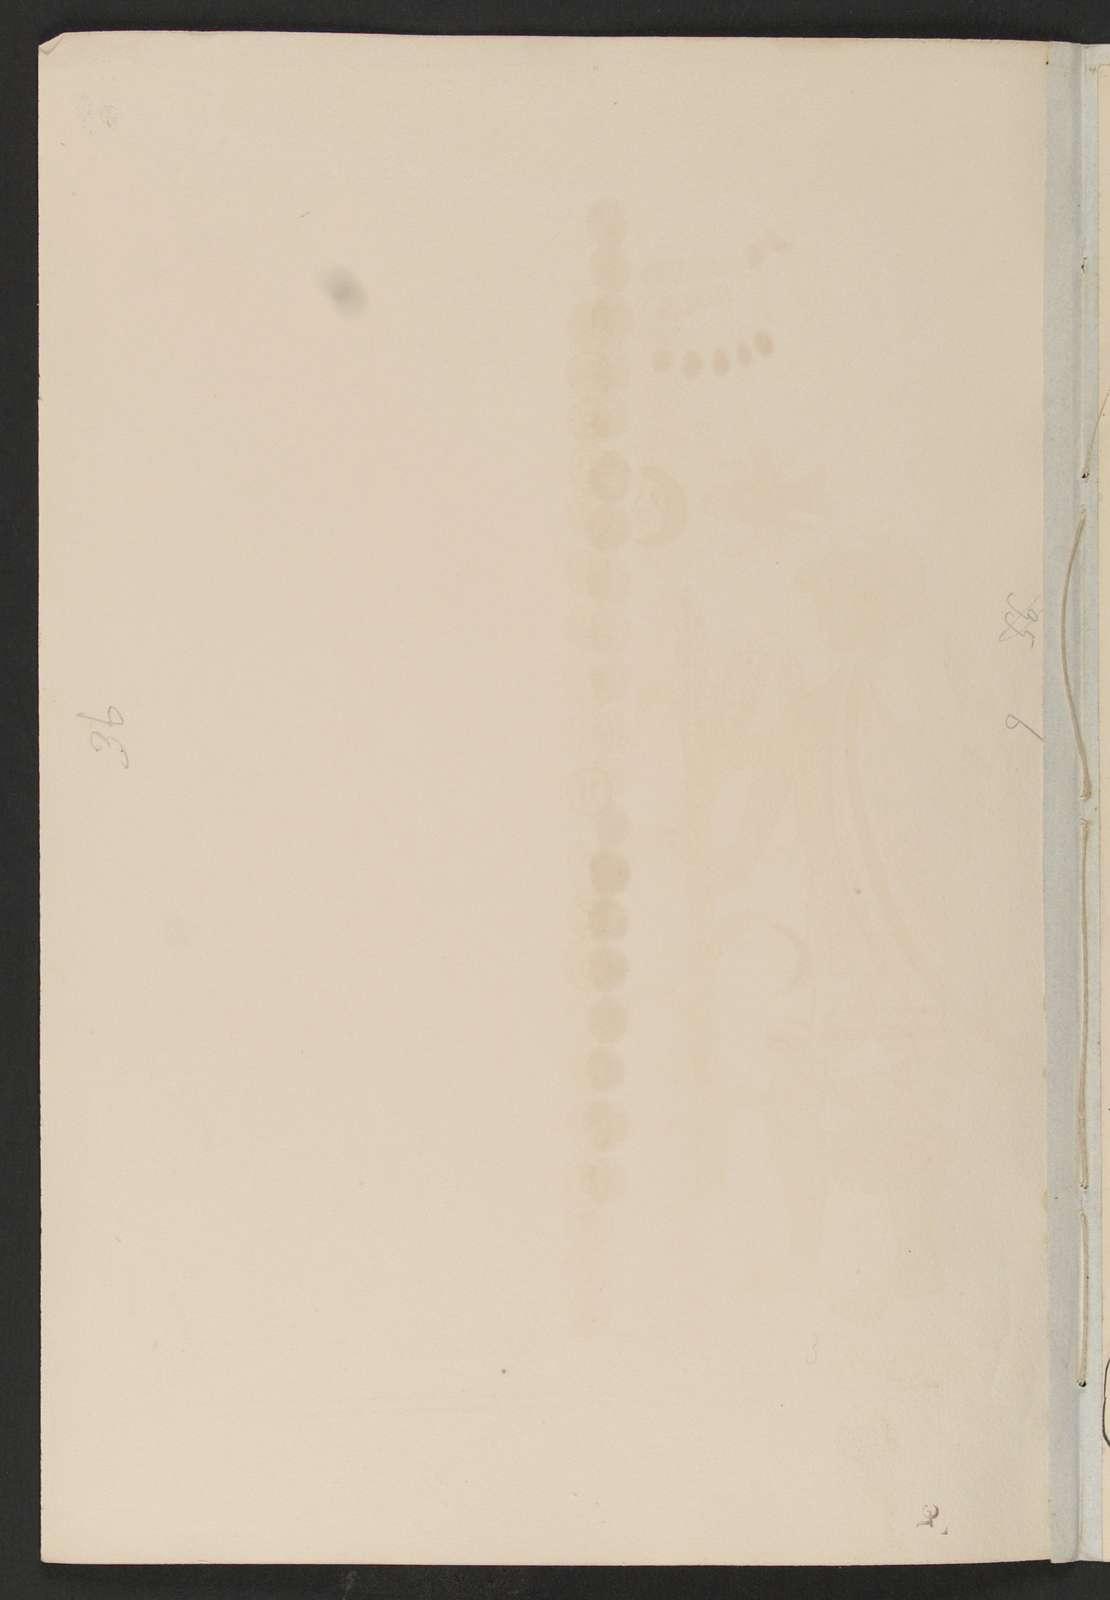 Historia de Mexico [with] the Tovar calendar, ca. 1830